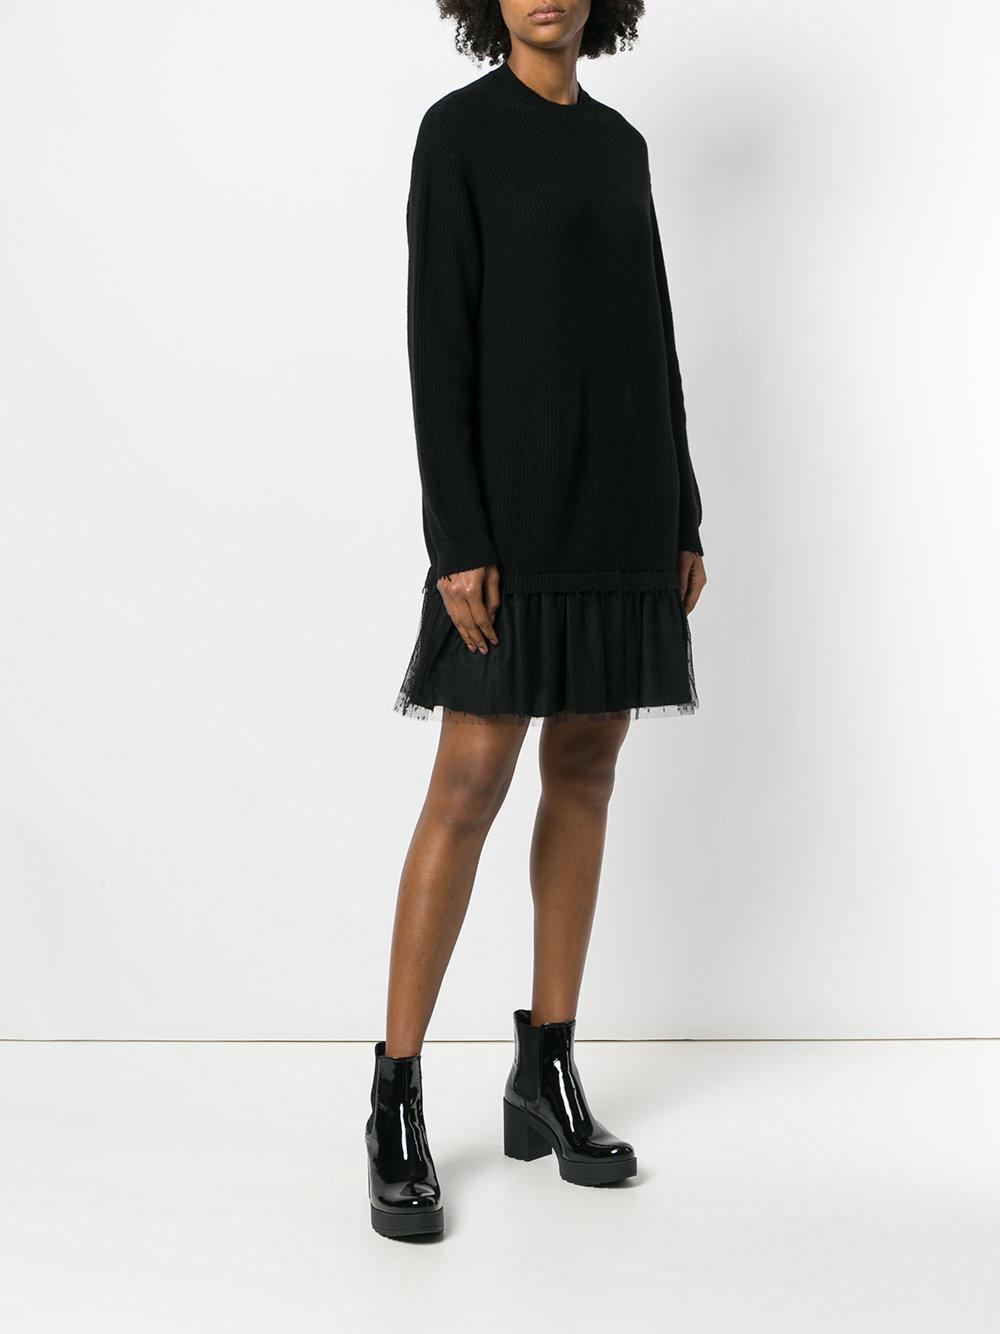 Sast Prix Pas Cher faux Robe Plissée Sweat-shirt Ourlet - Valentino Rouge Noir Extrêmement Pas Cher Jeu Images Footlocker LYIUD